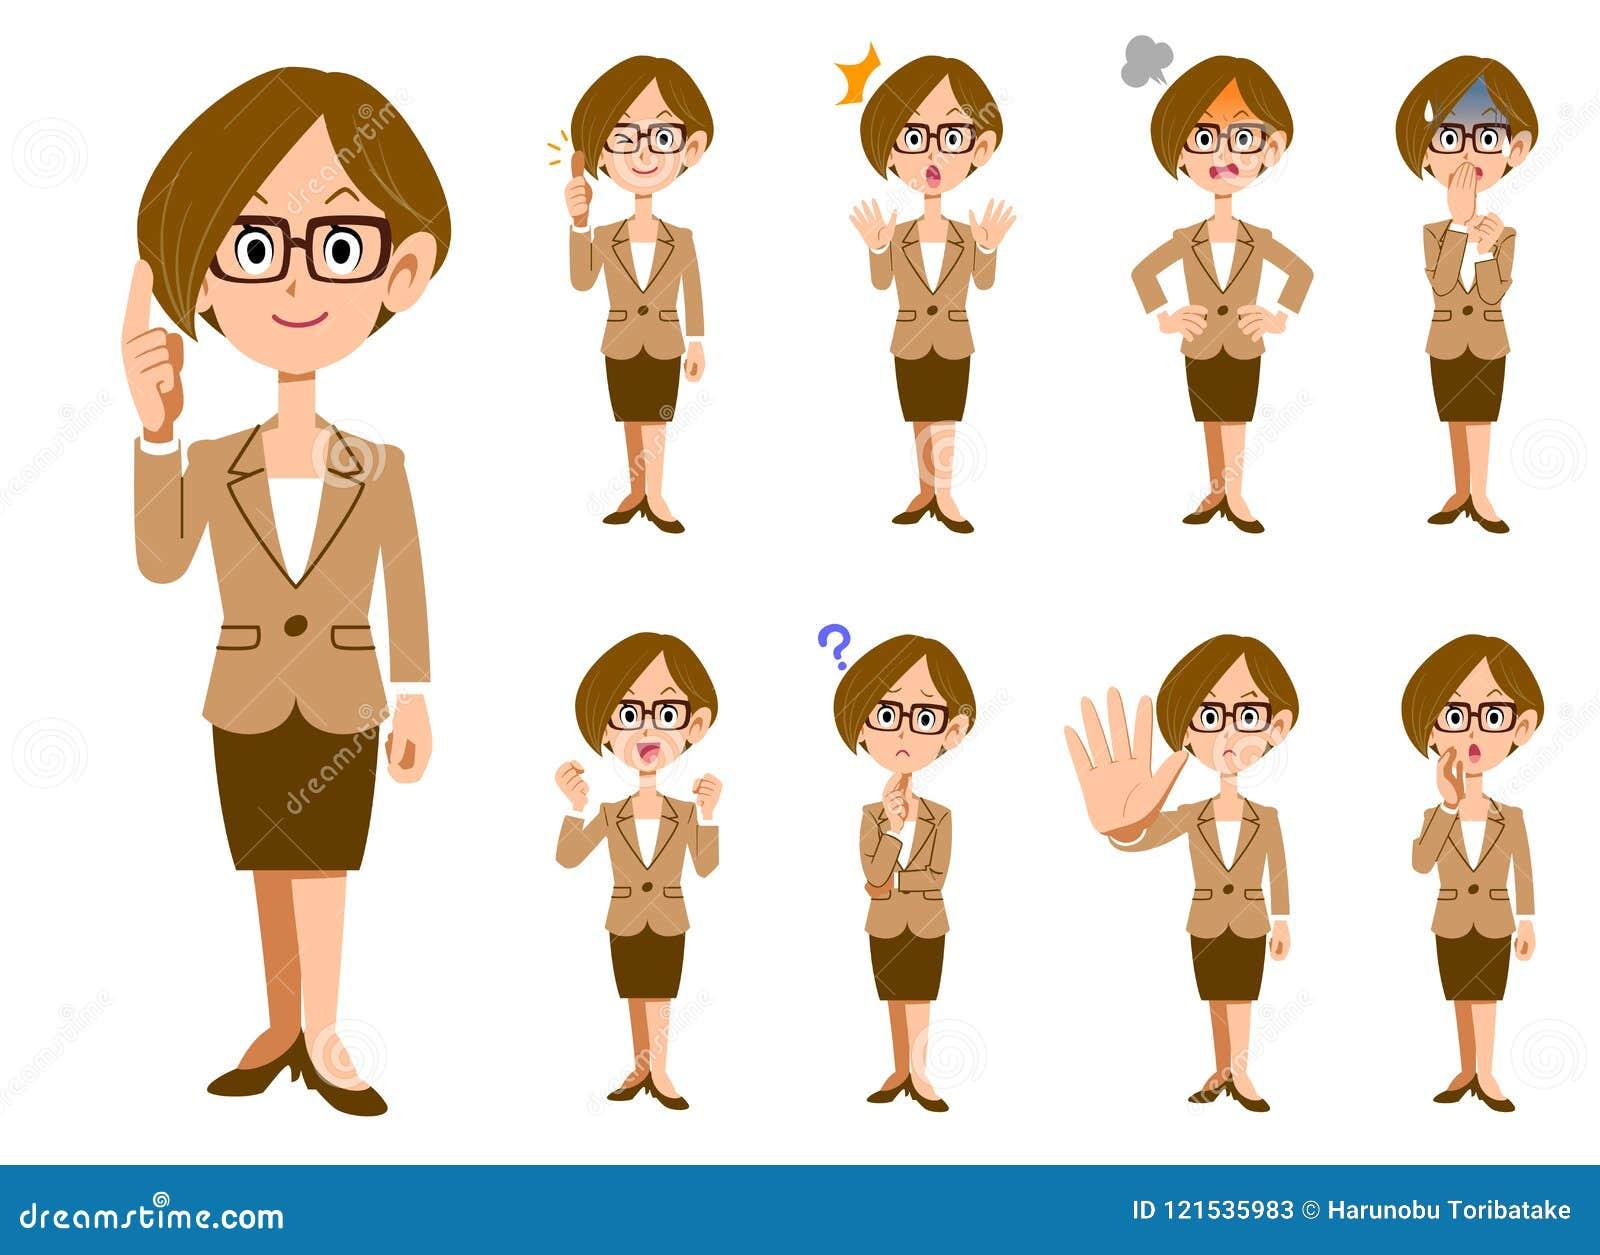 Работницы с eyeglasses 9 жесты и выражений лица